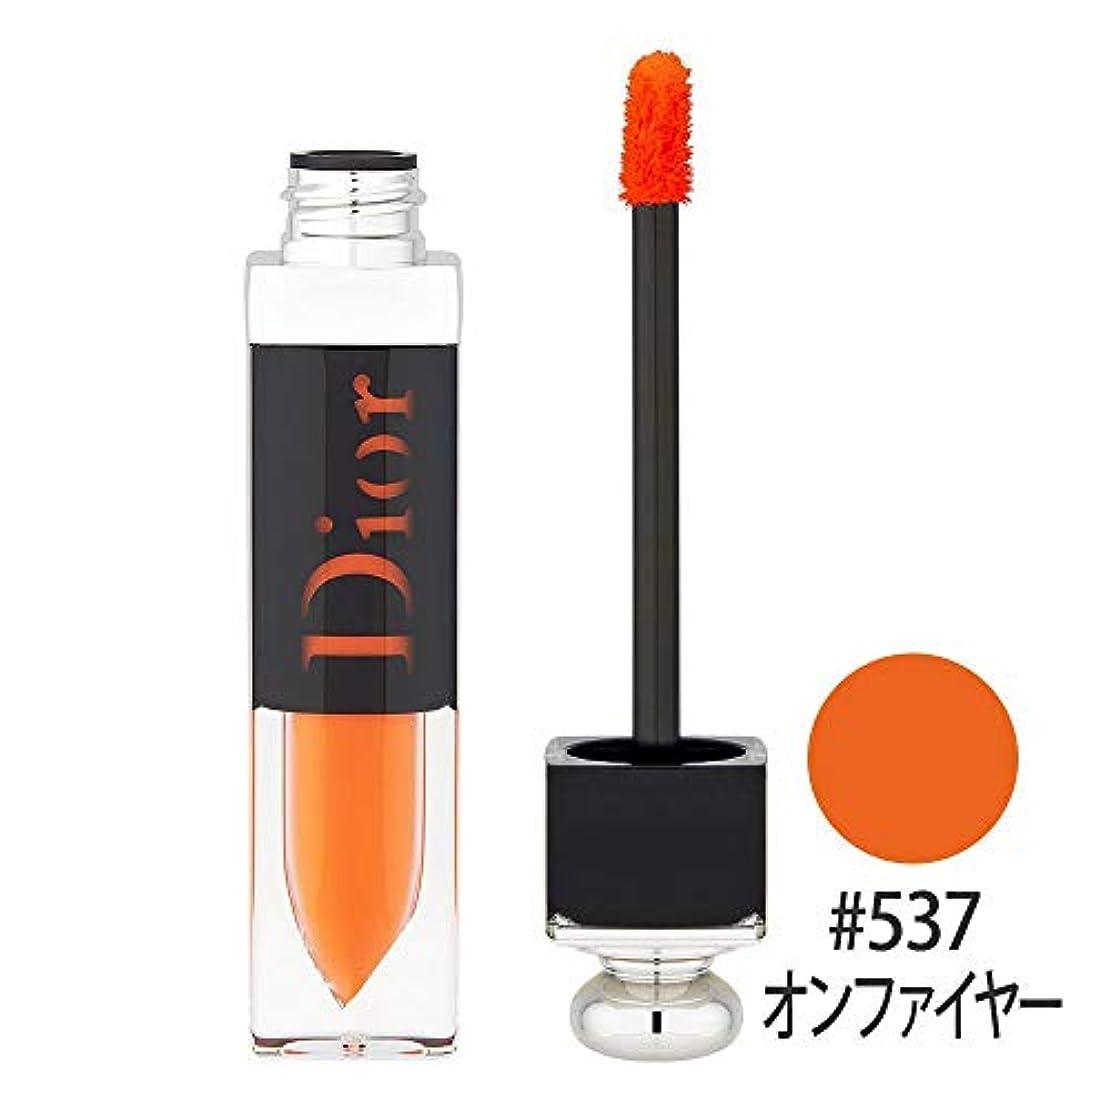 分離するくさび多様性ディオール(Dior) ディオール アディクト ラッカー プランプ #537(オンファイヤー) 5.5ml [並行輸入品]